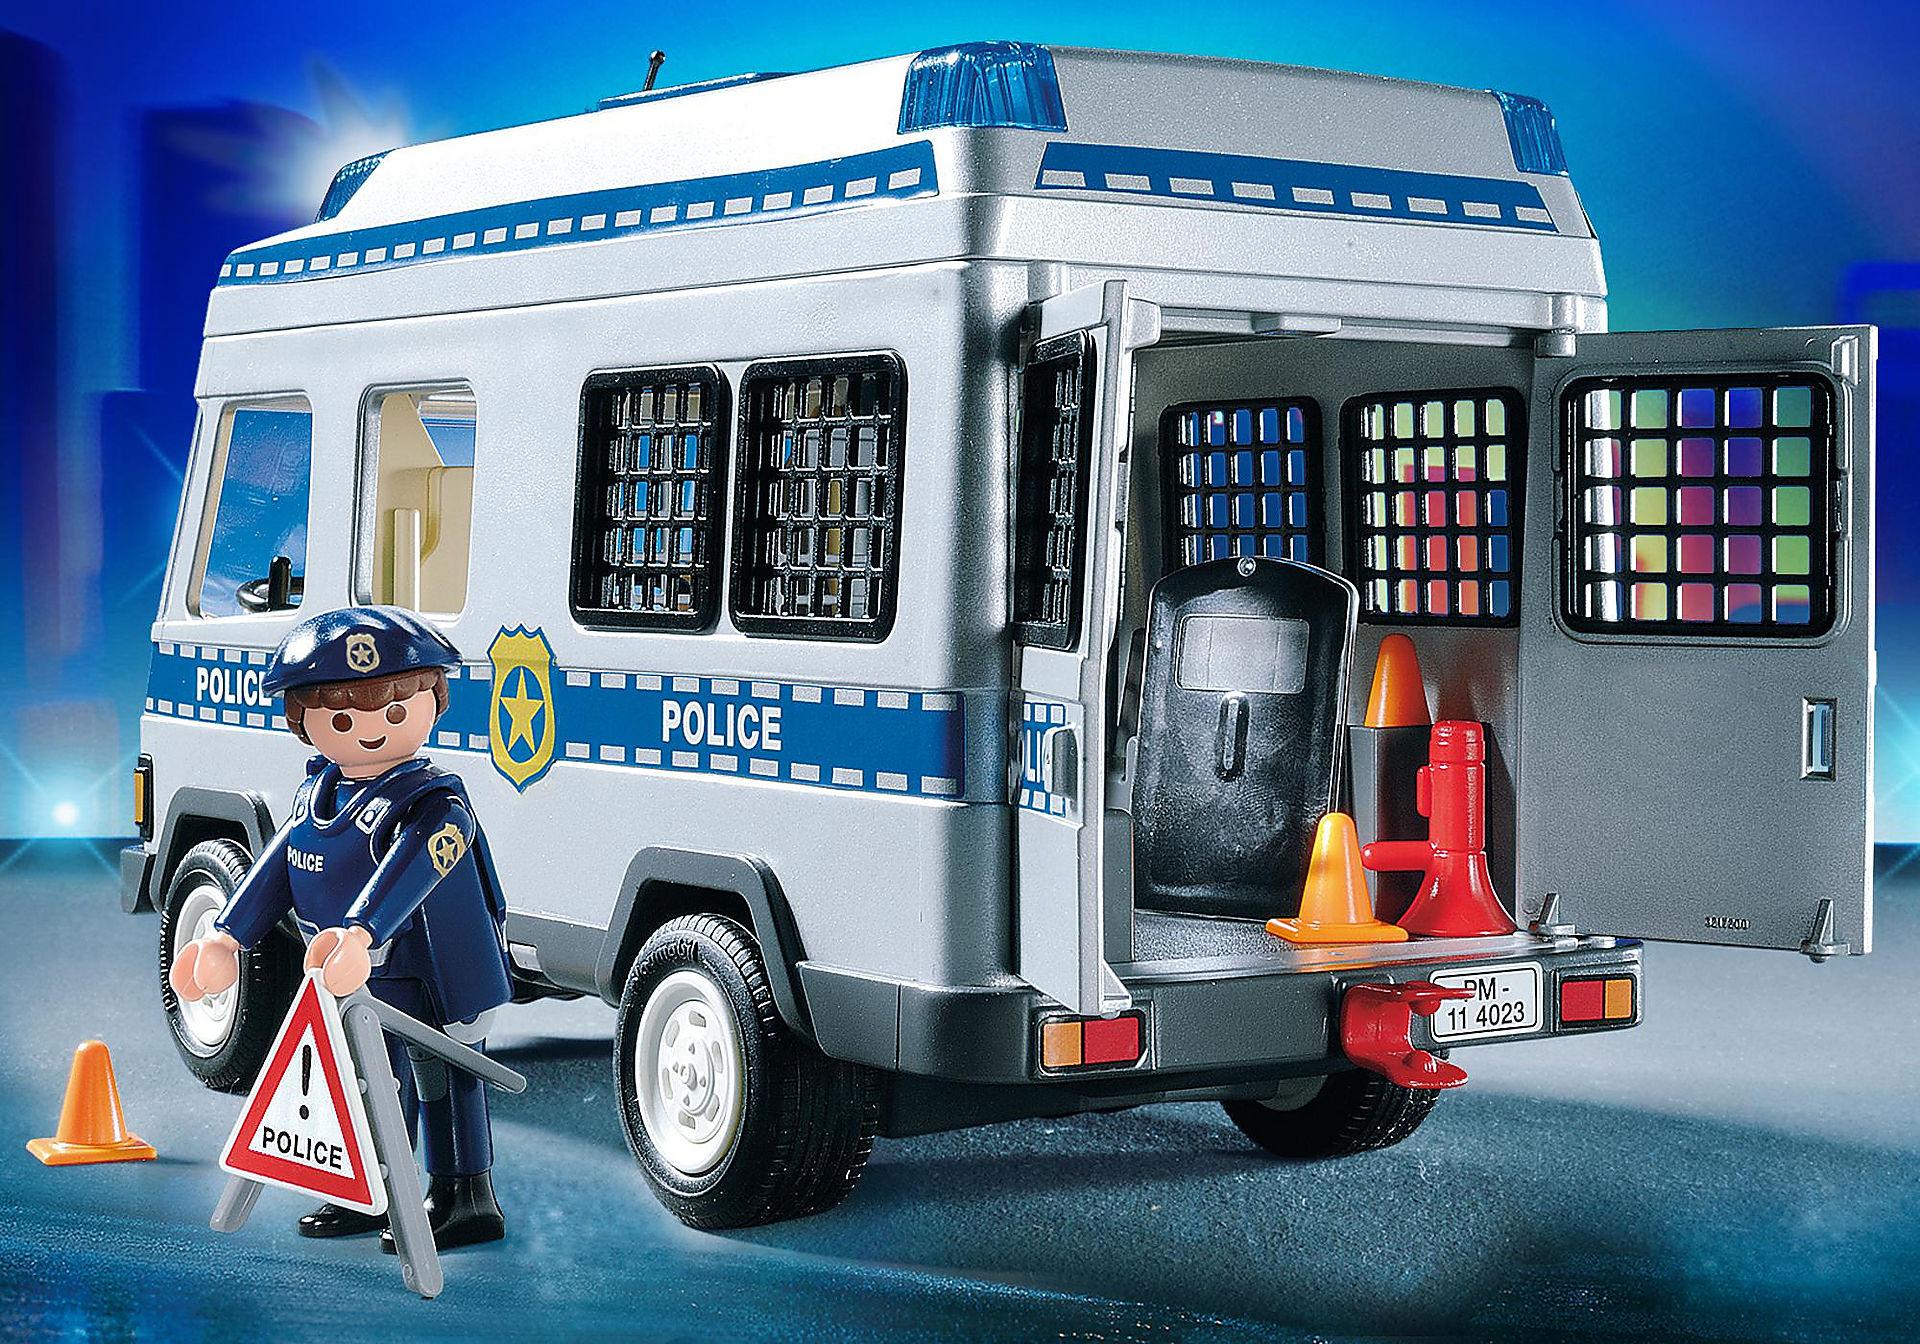 4023 Mobiele politie eenheid zoom image6